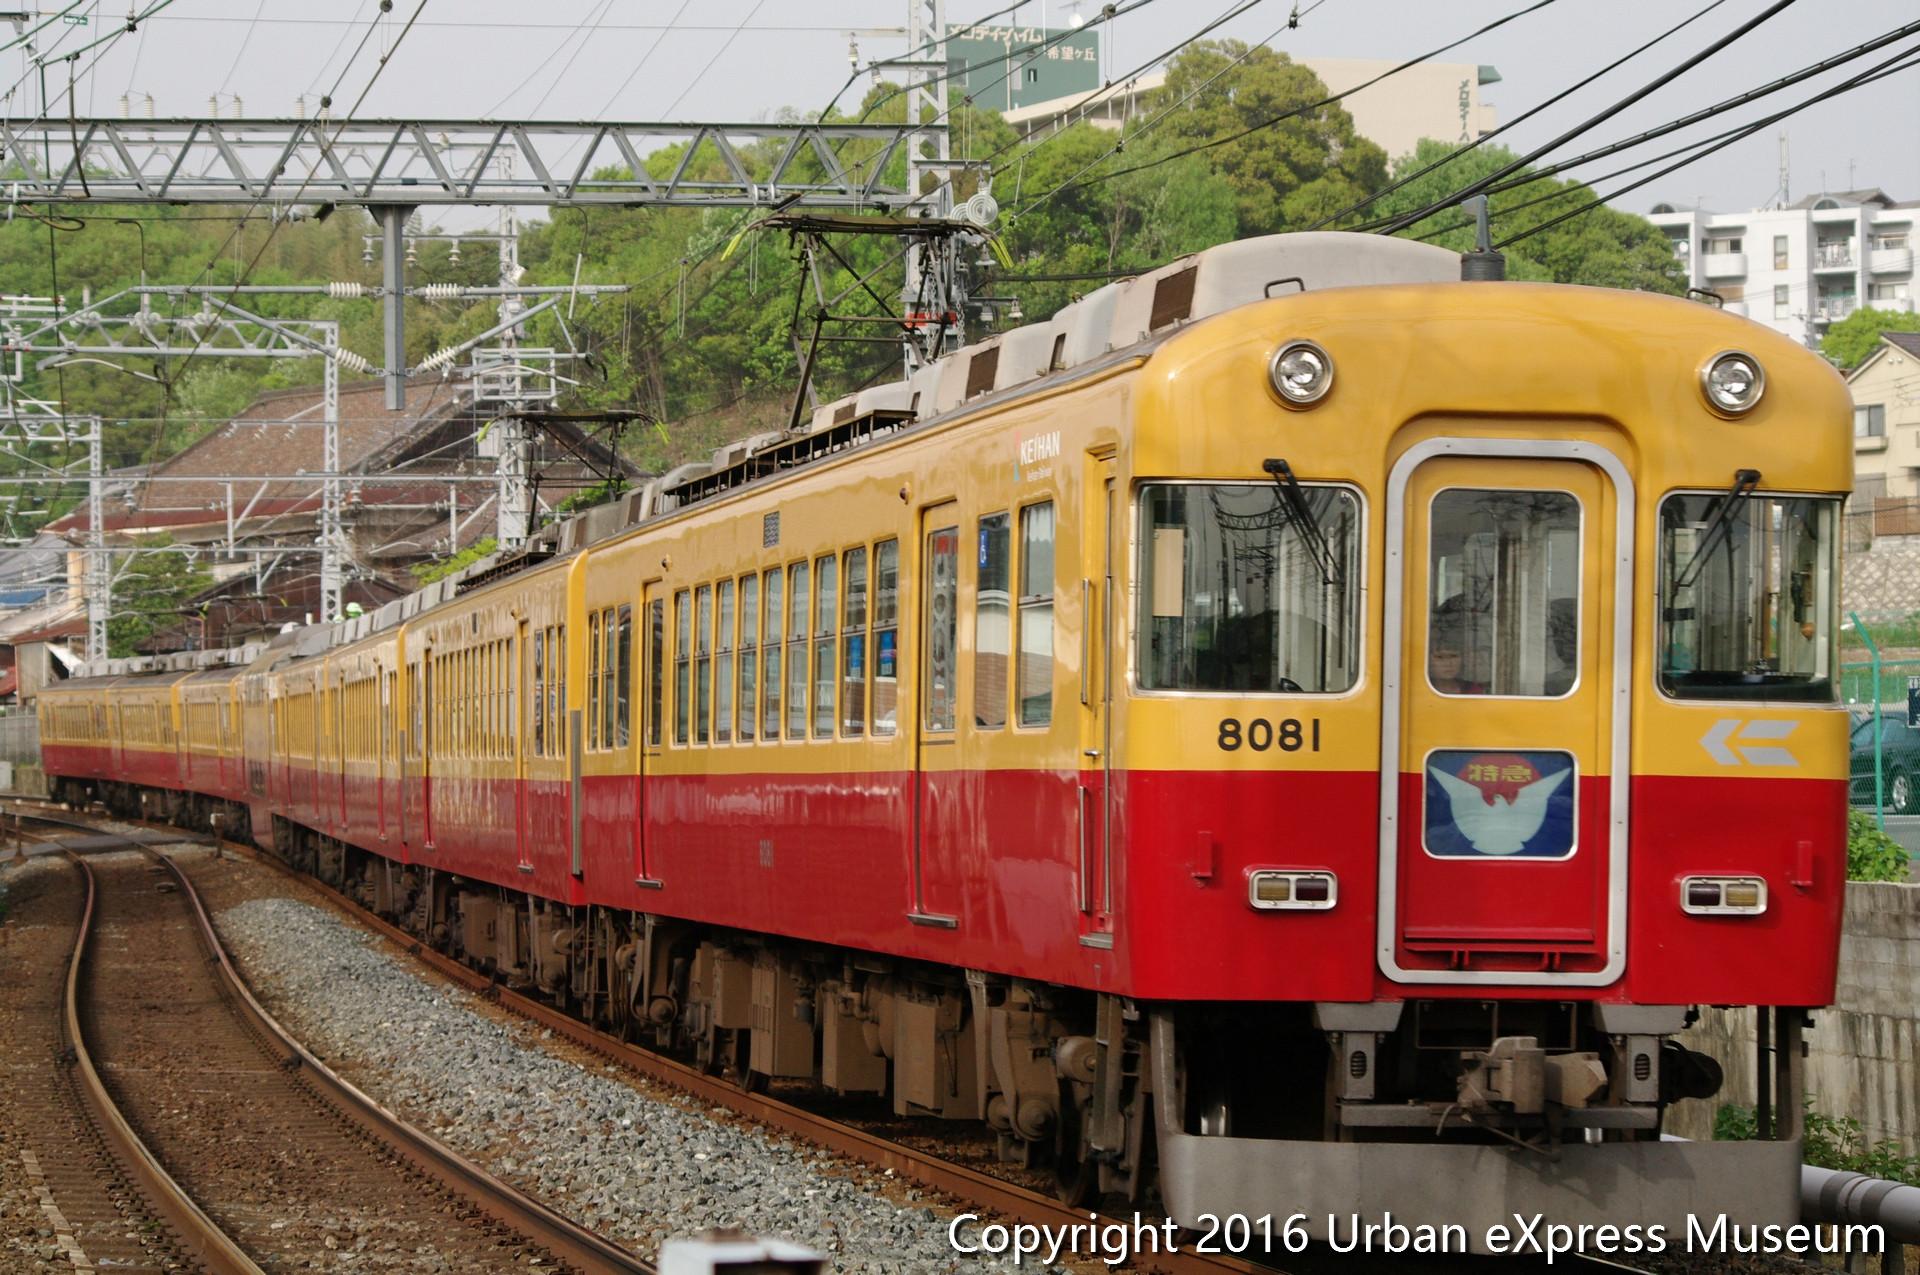 鉄道写真コーナーに京阪旧3000系を追加しました!